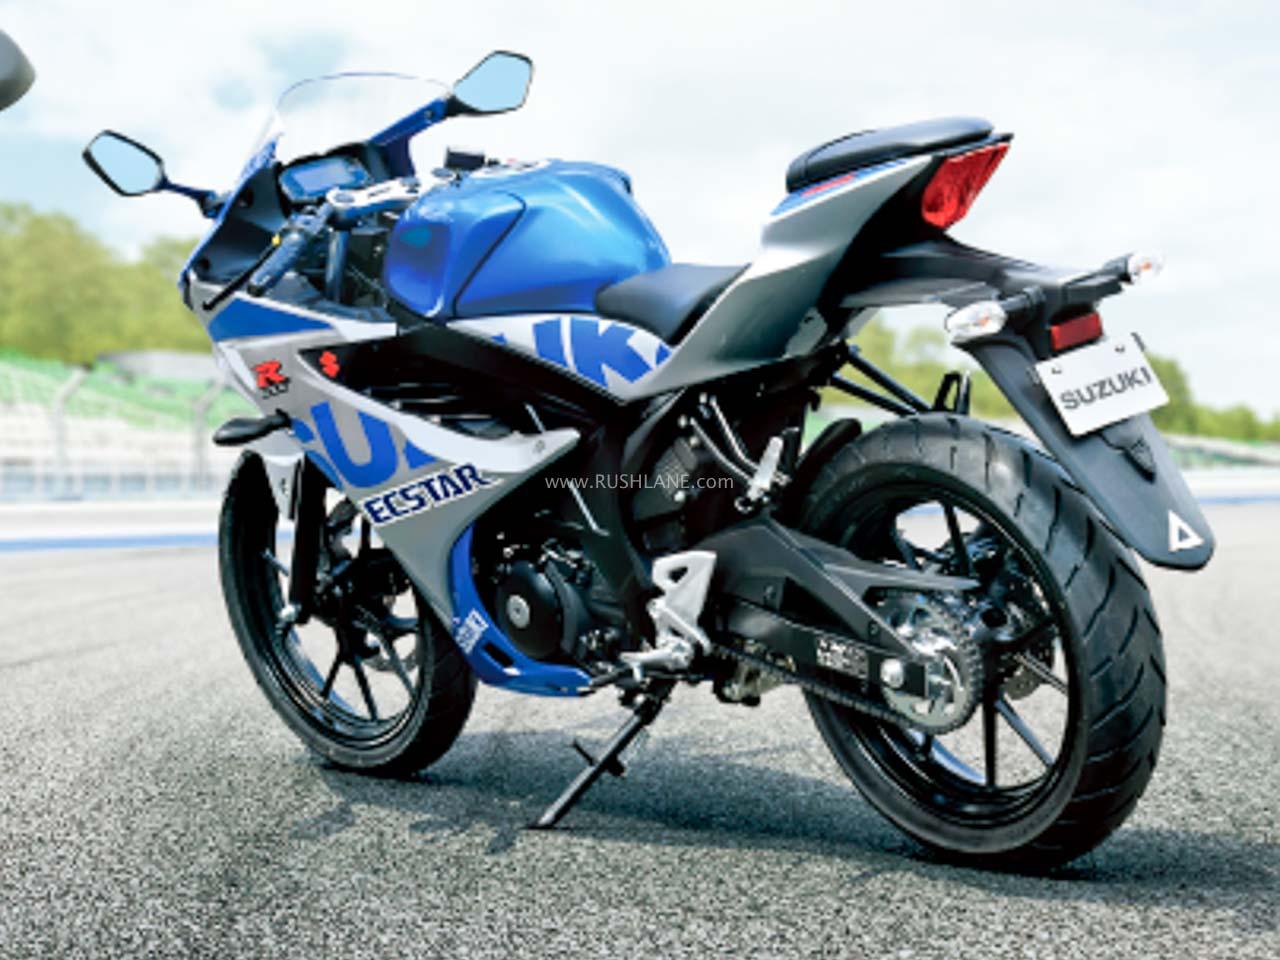 2020 Suzuki GSX-R125 MotoGP